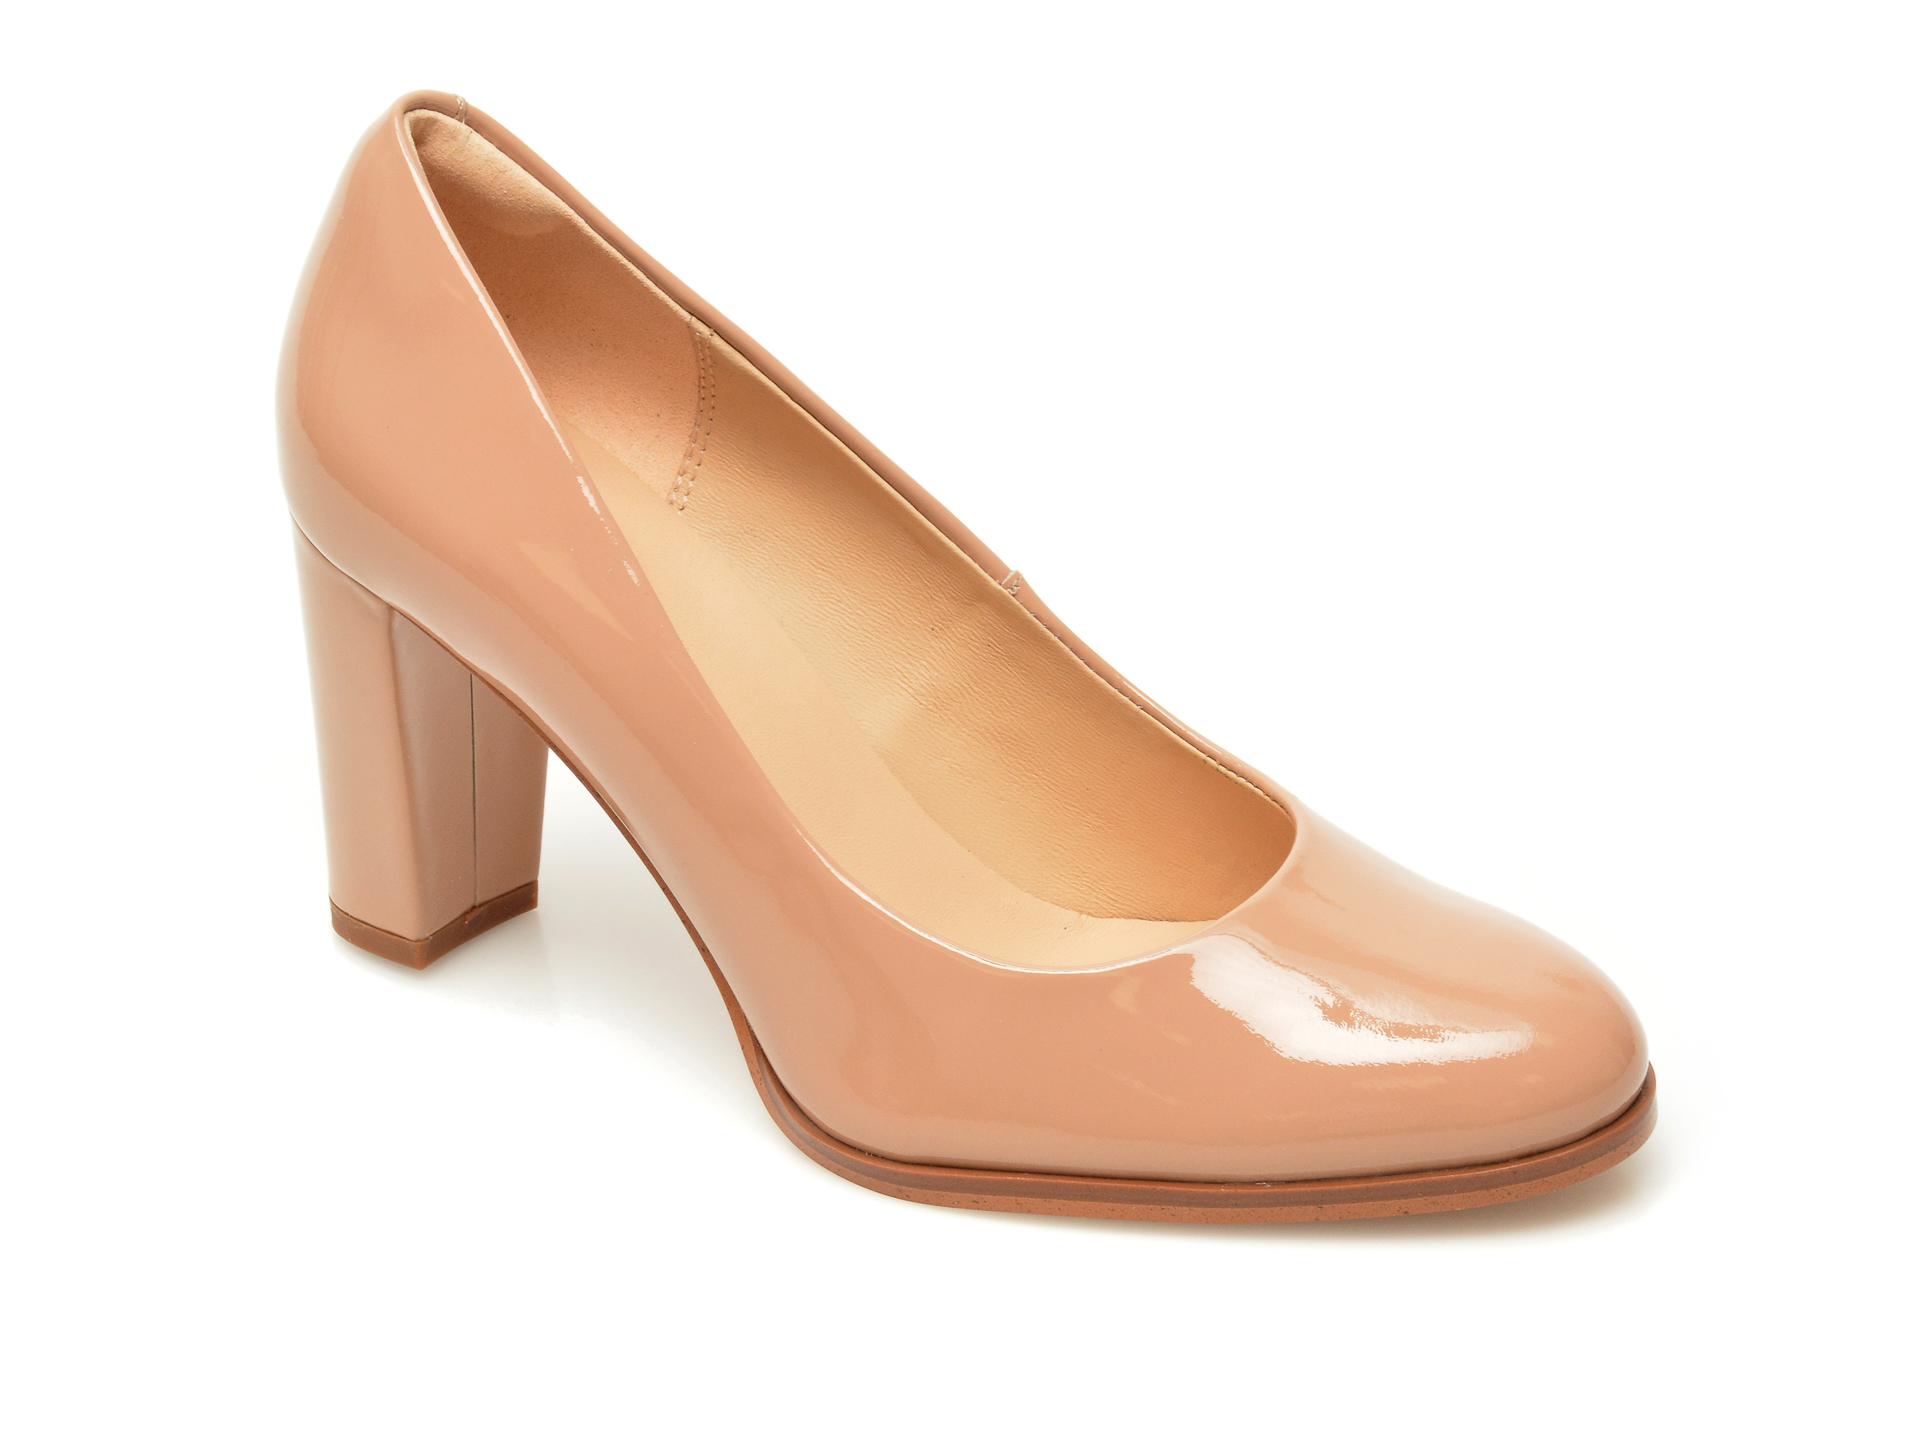 Pantofi CLARKS bej, Kaylin Cara 2, din piele naturala lacuita